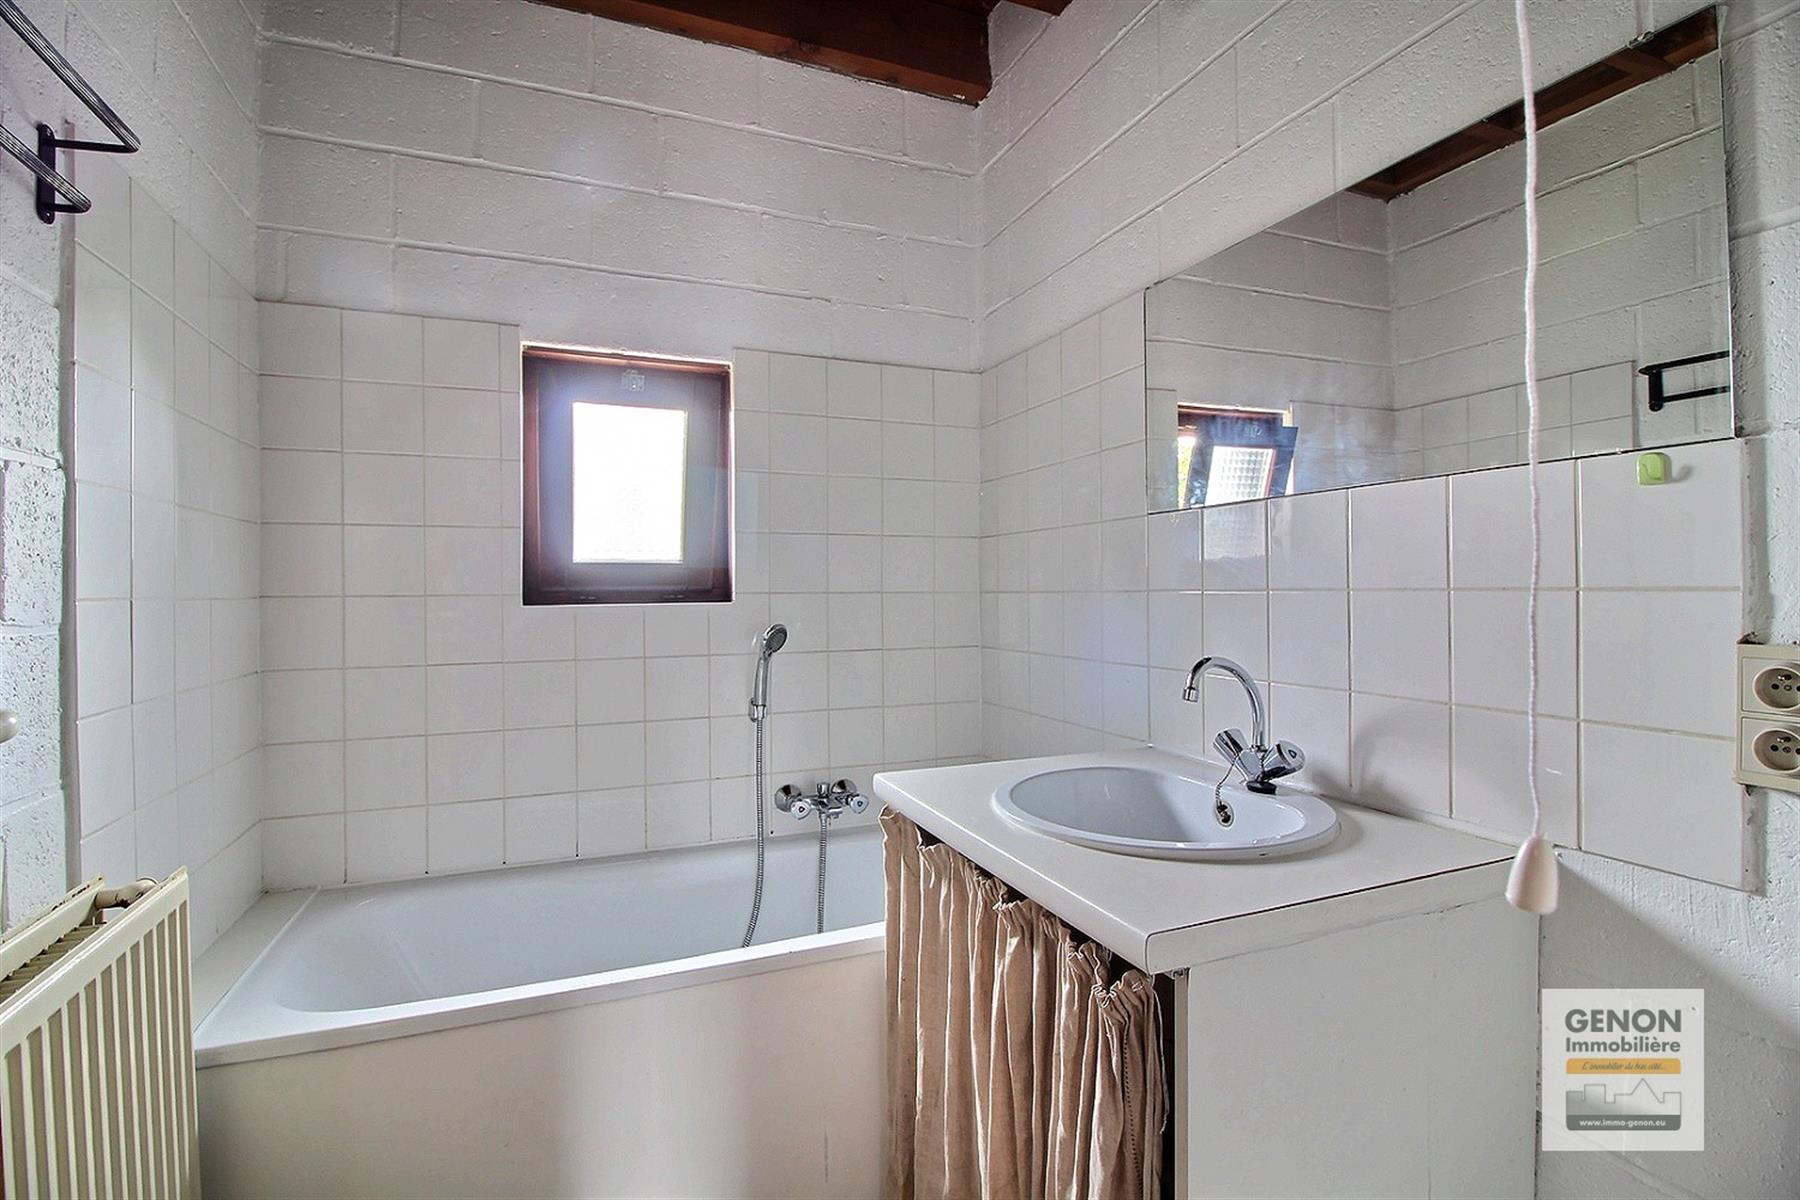 Appartement - Ottignies-Louvain-la-Neuve - #3969328-6